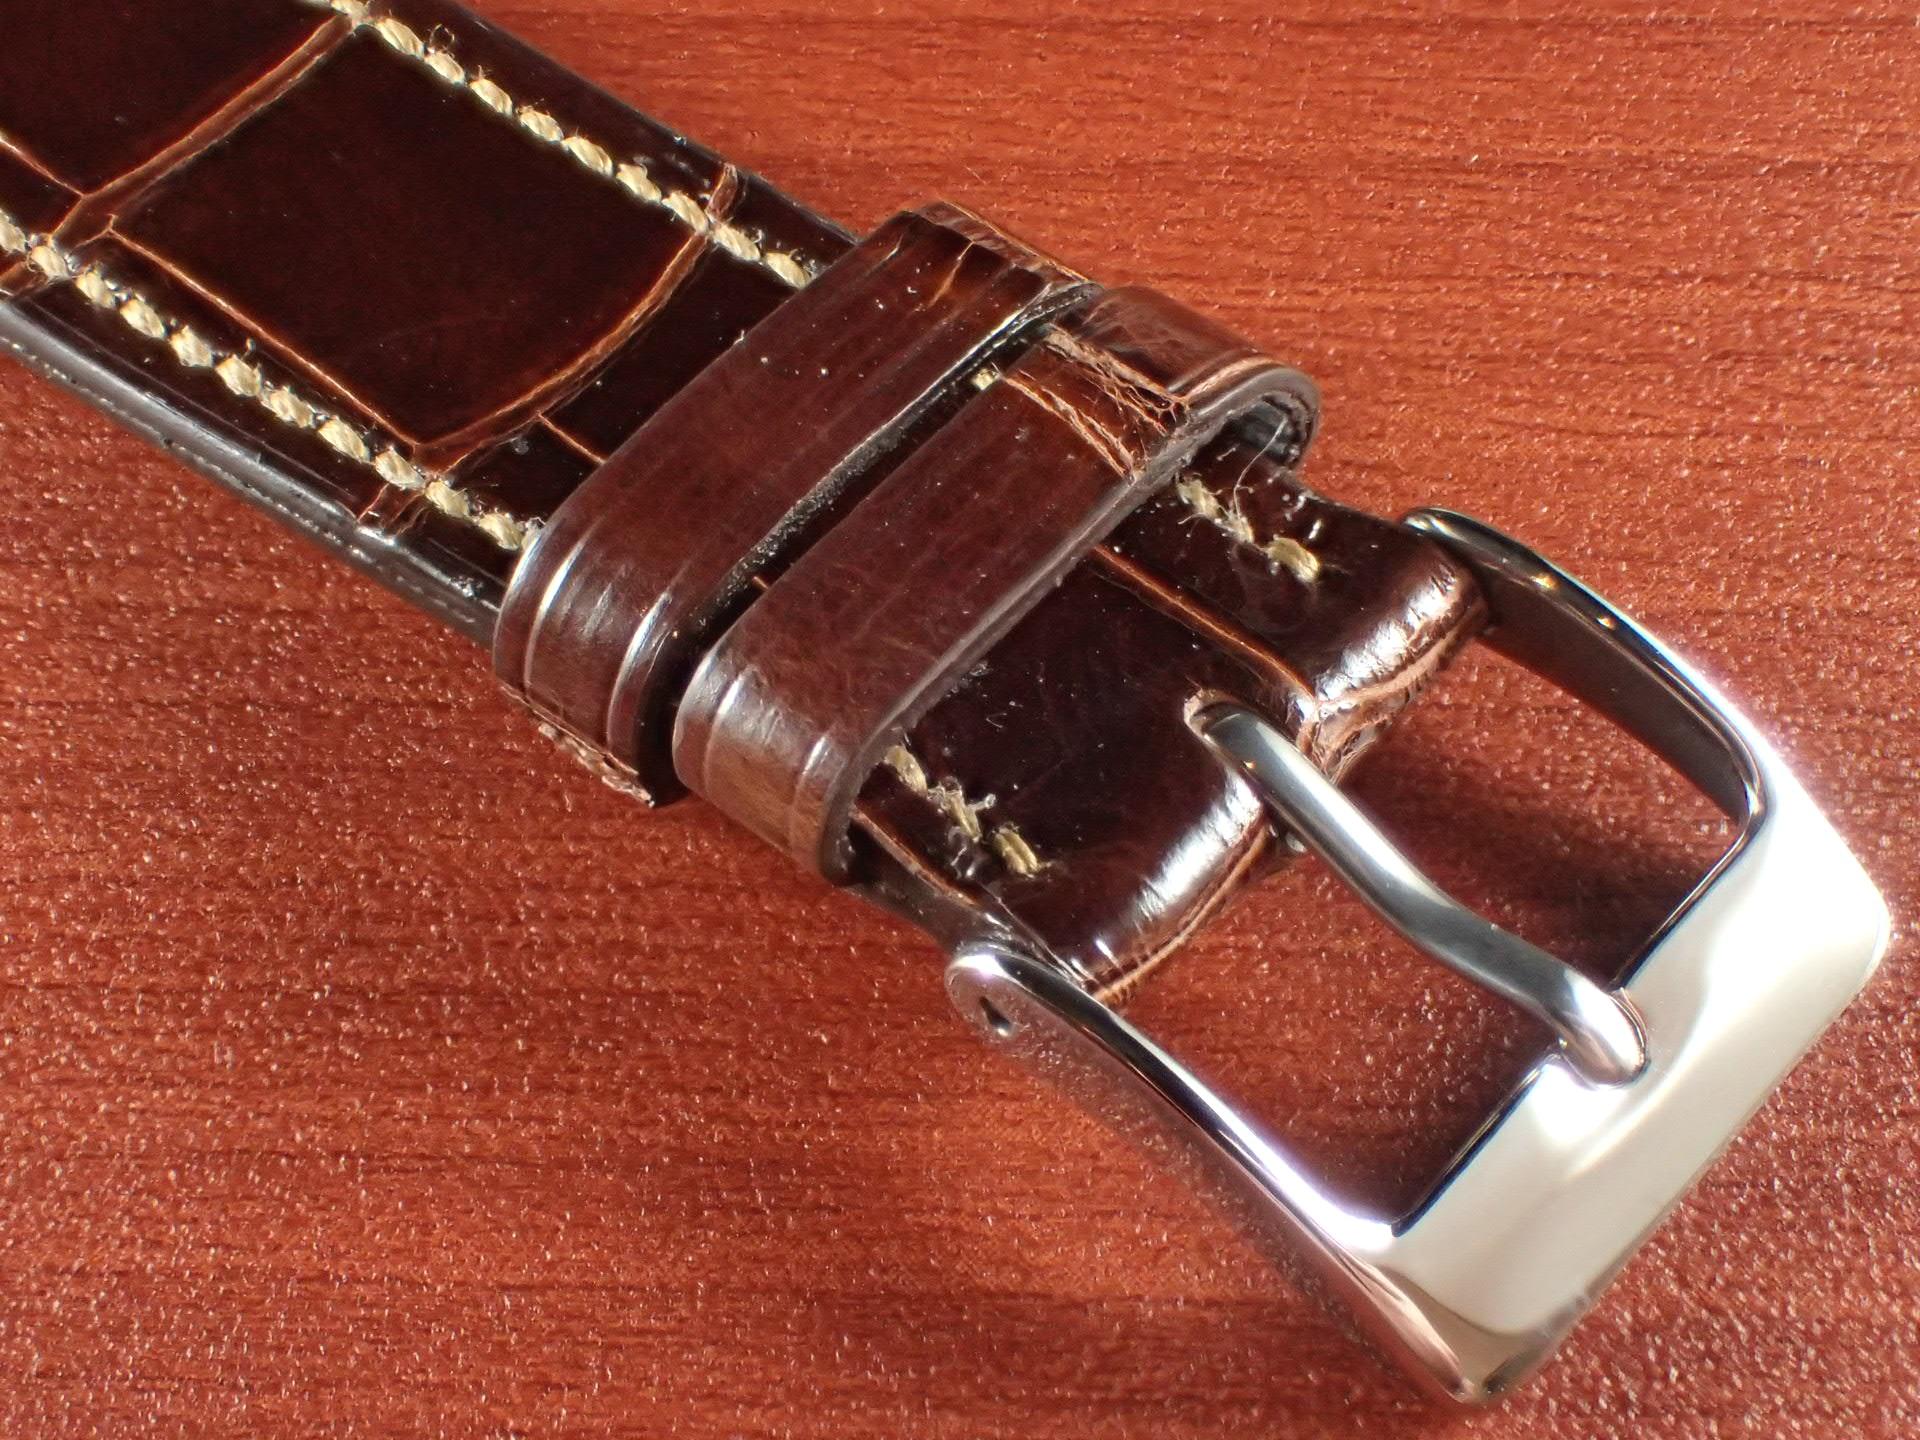 ジャン・クロード ペラン革ベルト クロコダイル タバコブラウン(シャイニー) 18mmの写真3枚目